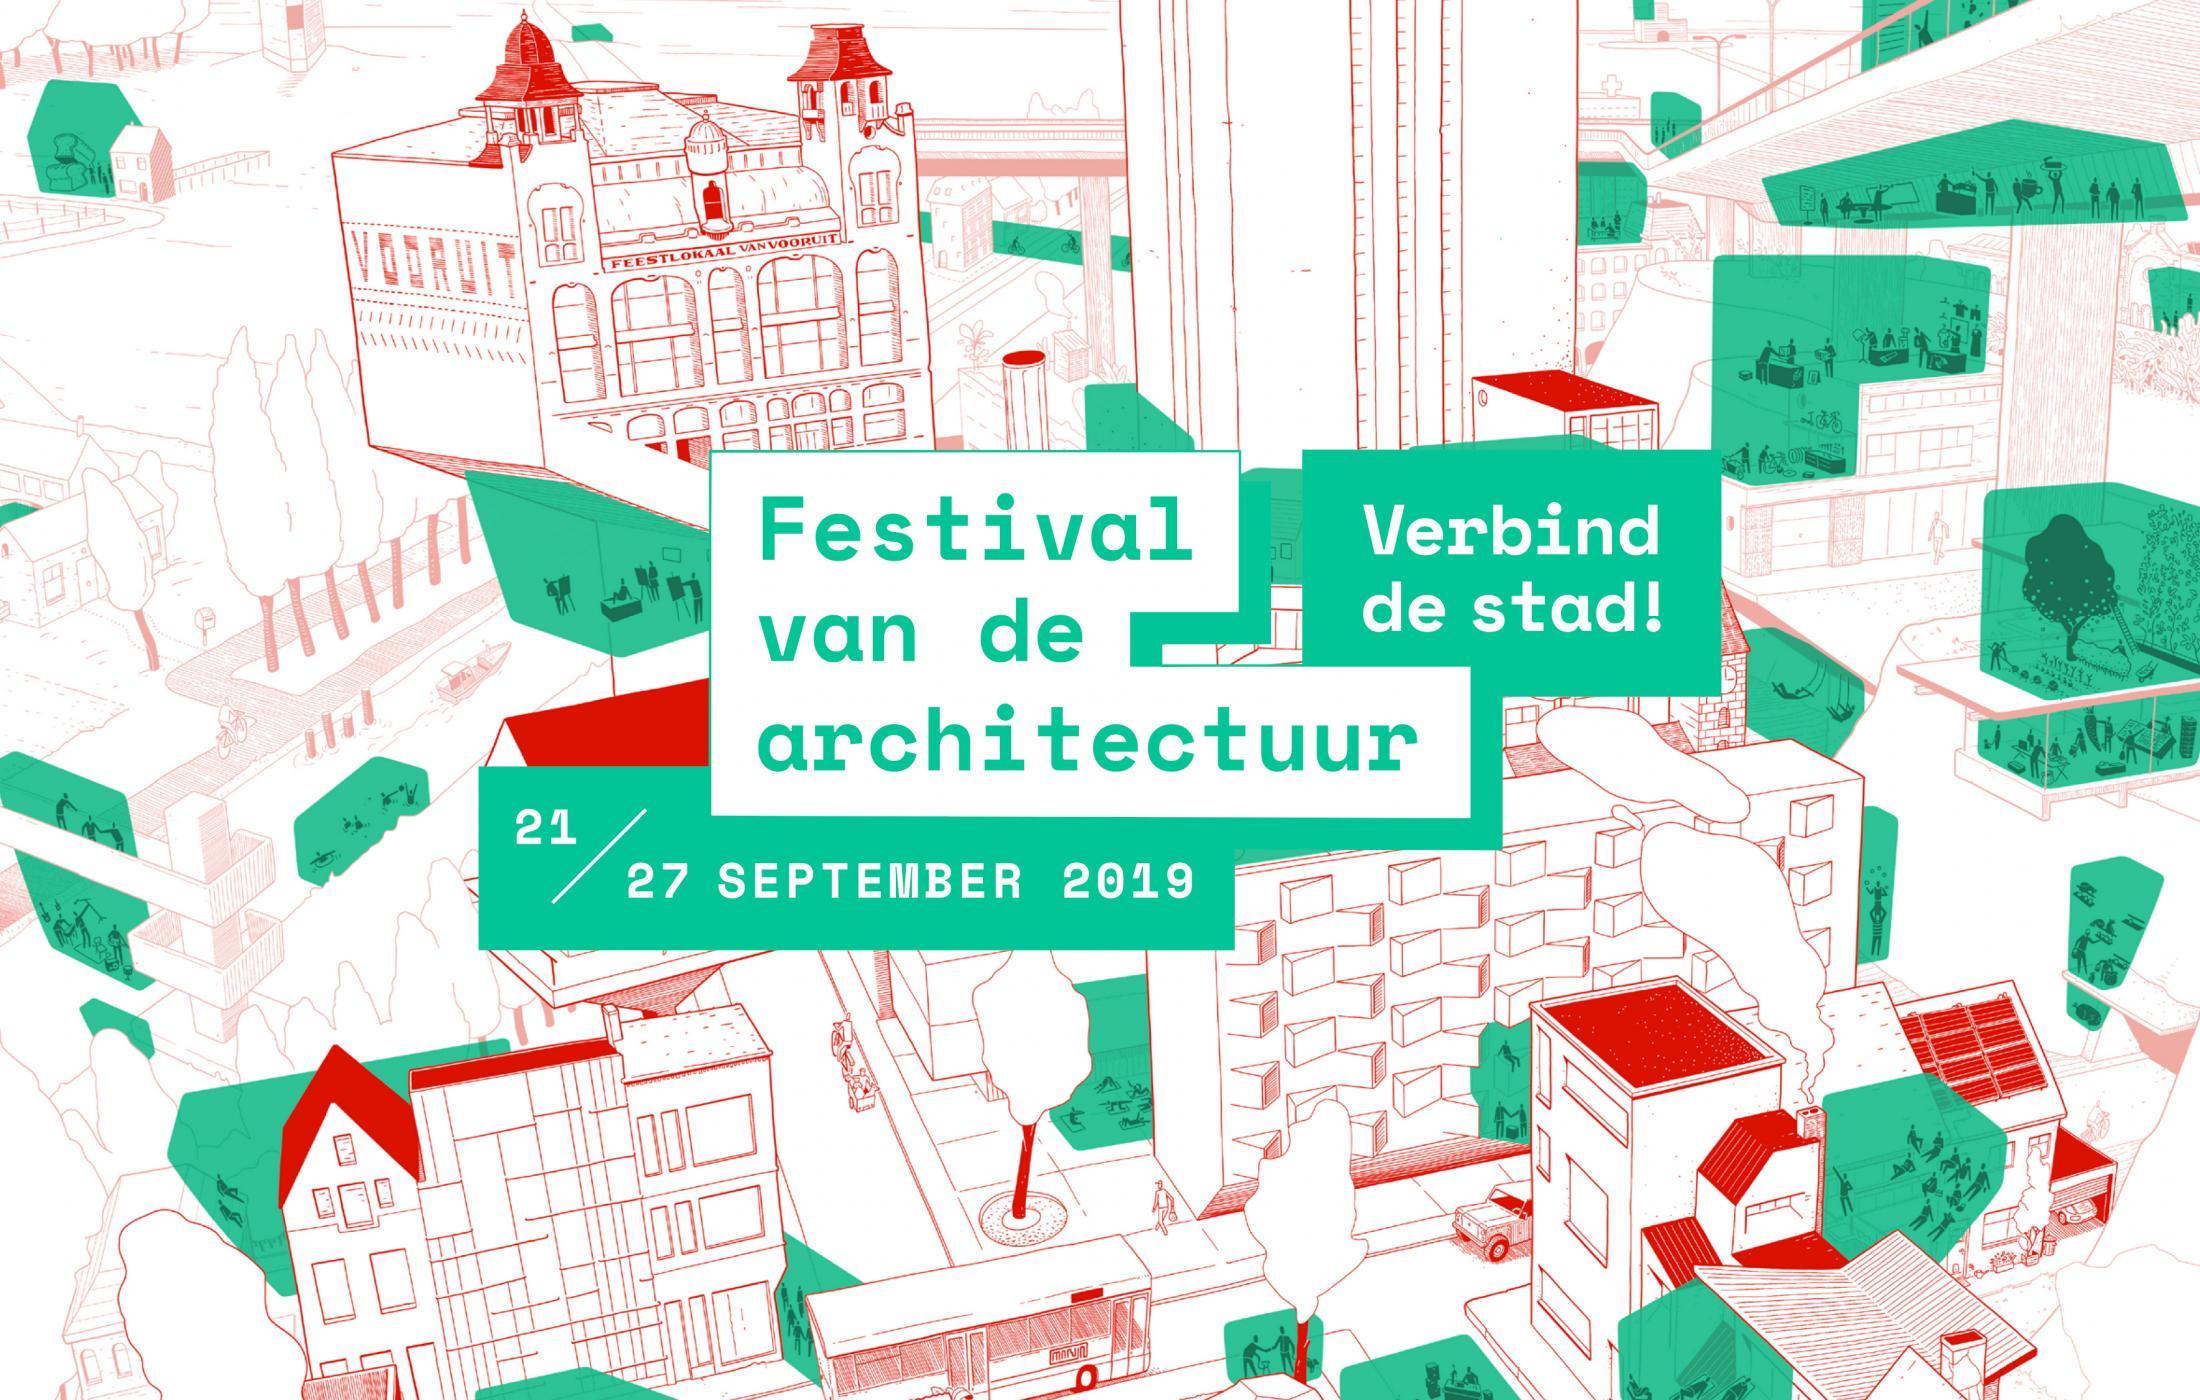 Festival van de architectuur - Verbind de stad, 21 tot 27 september ©Marijn Dionys